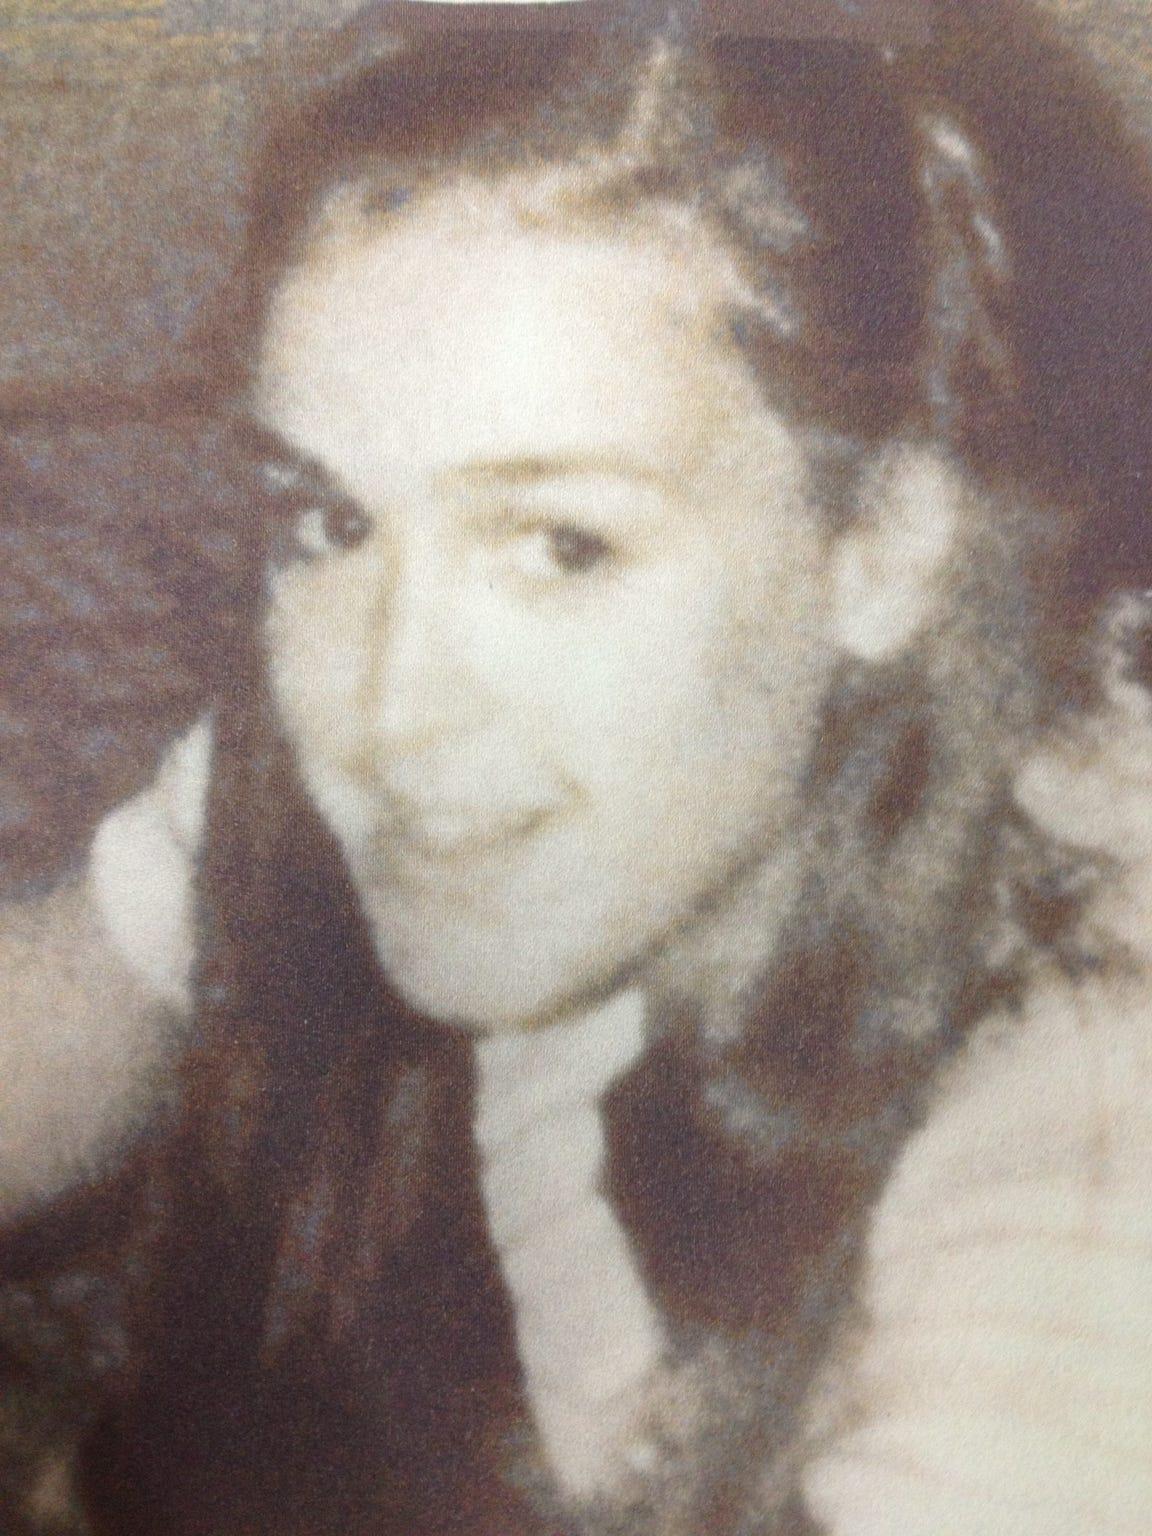 Janet Raasch